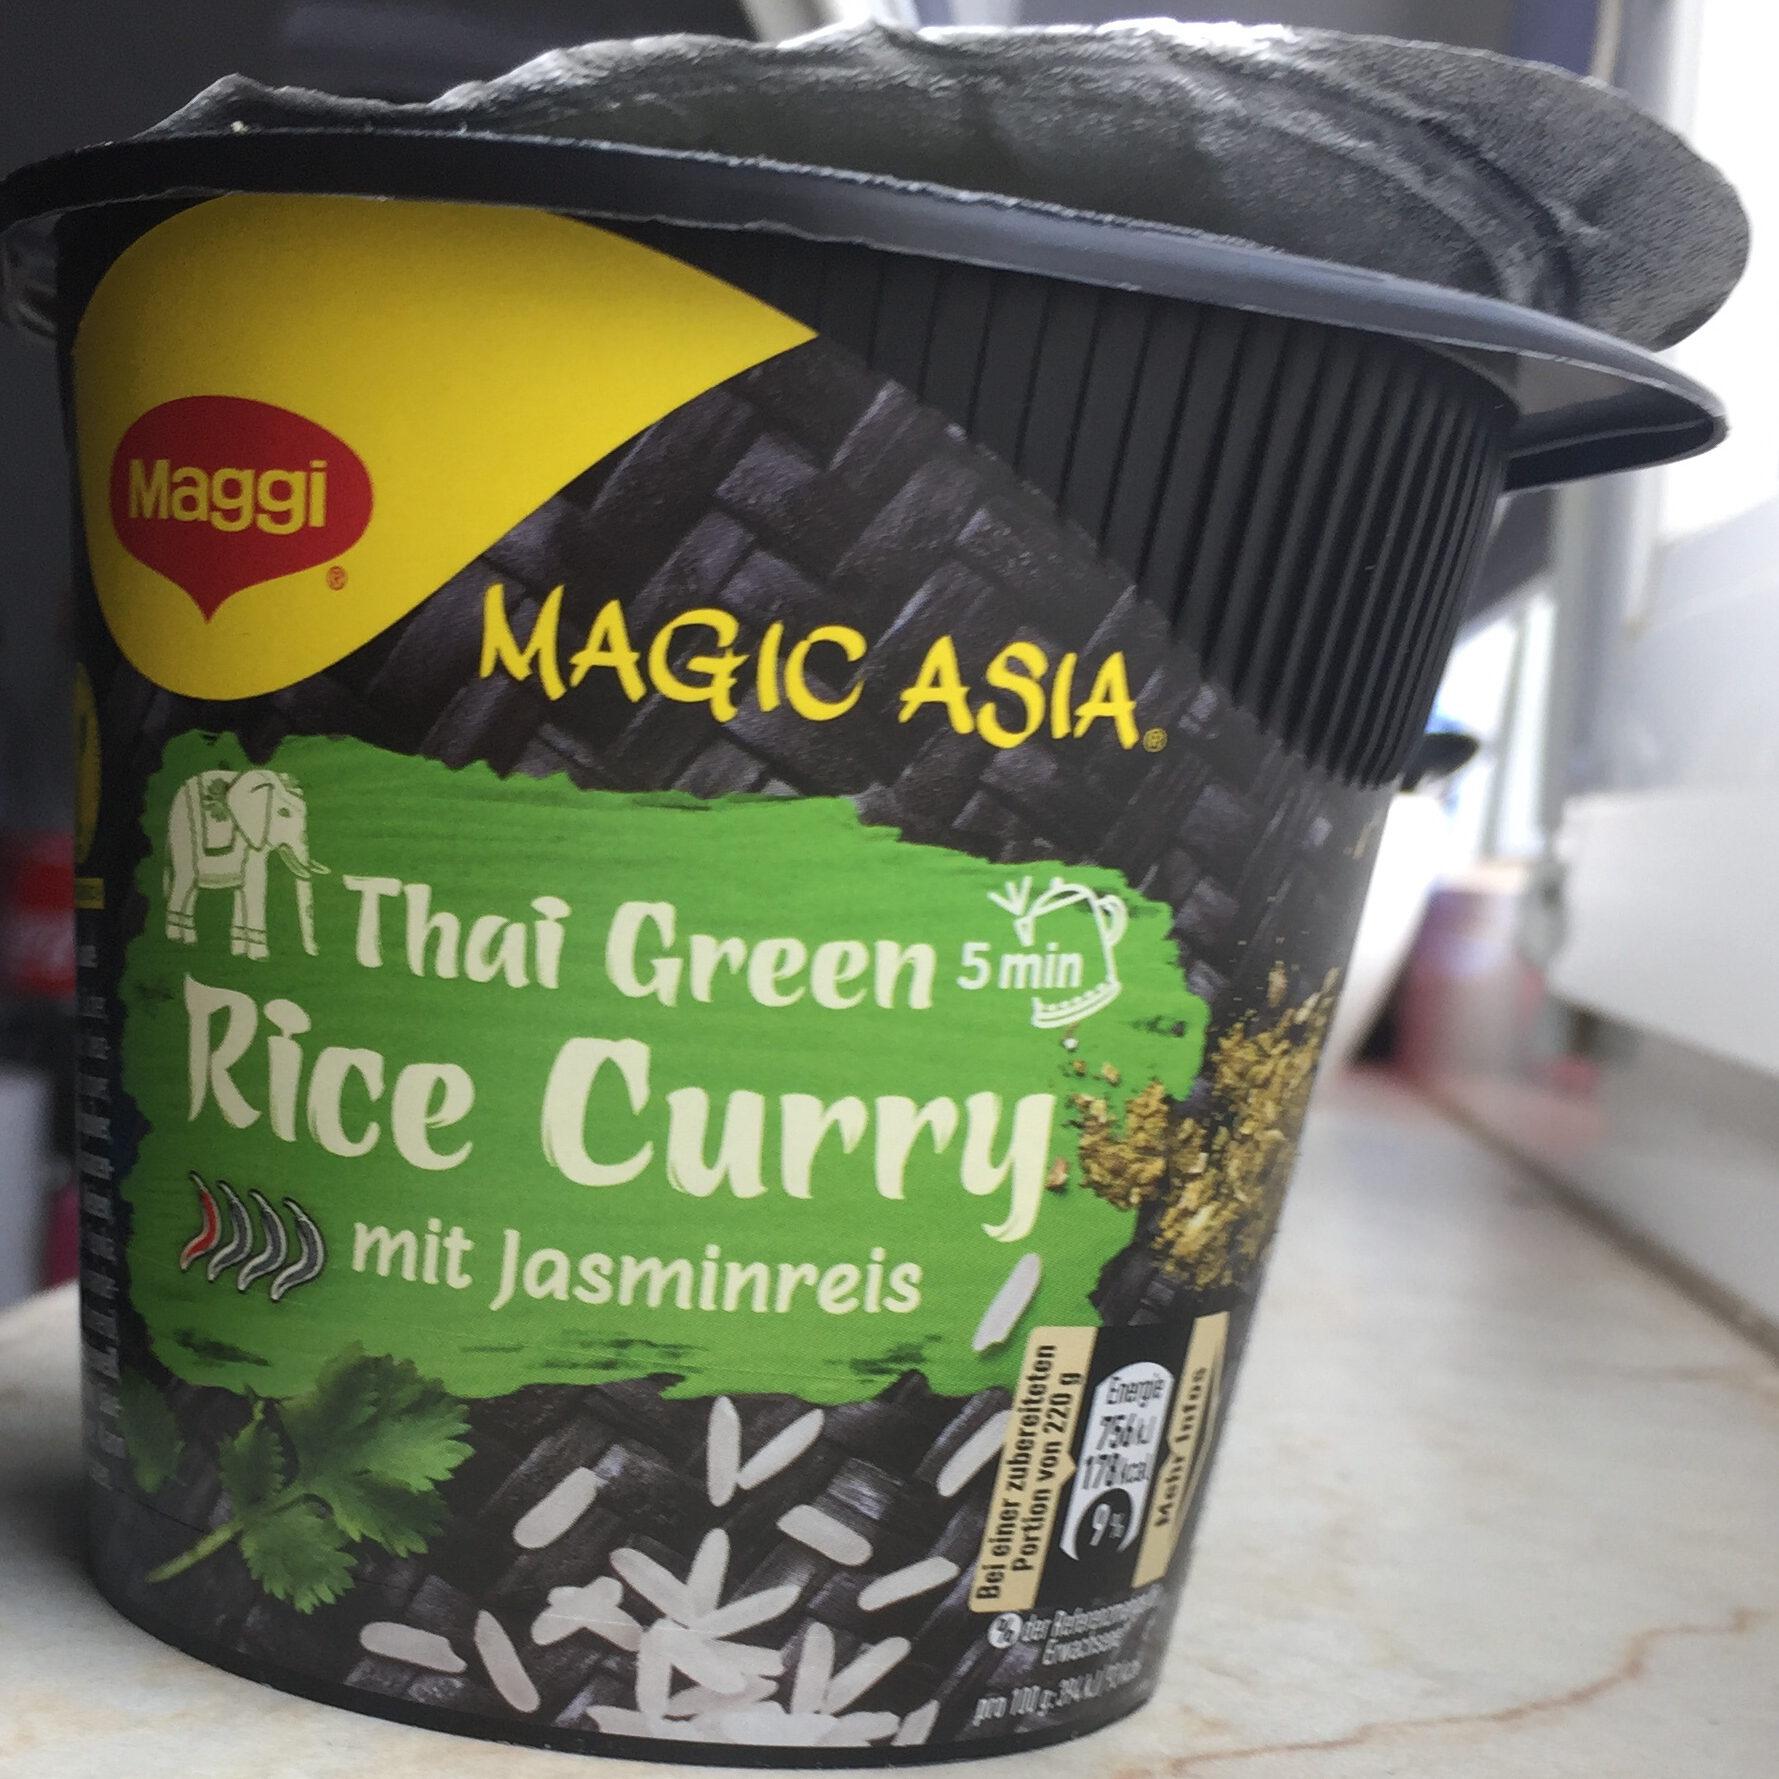 Magic Asia Thai Green Rice Curry mit Jasminreis - Product